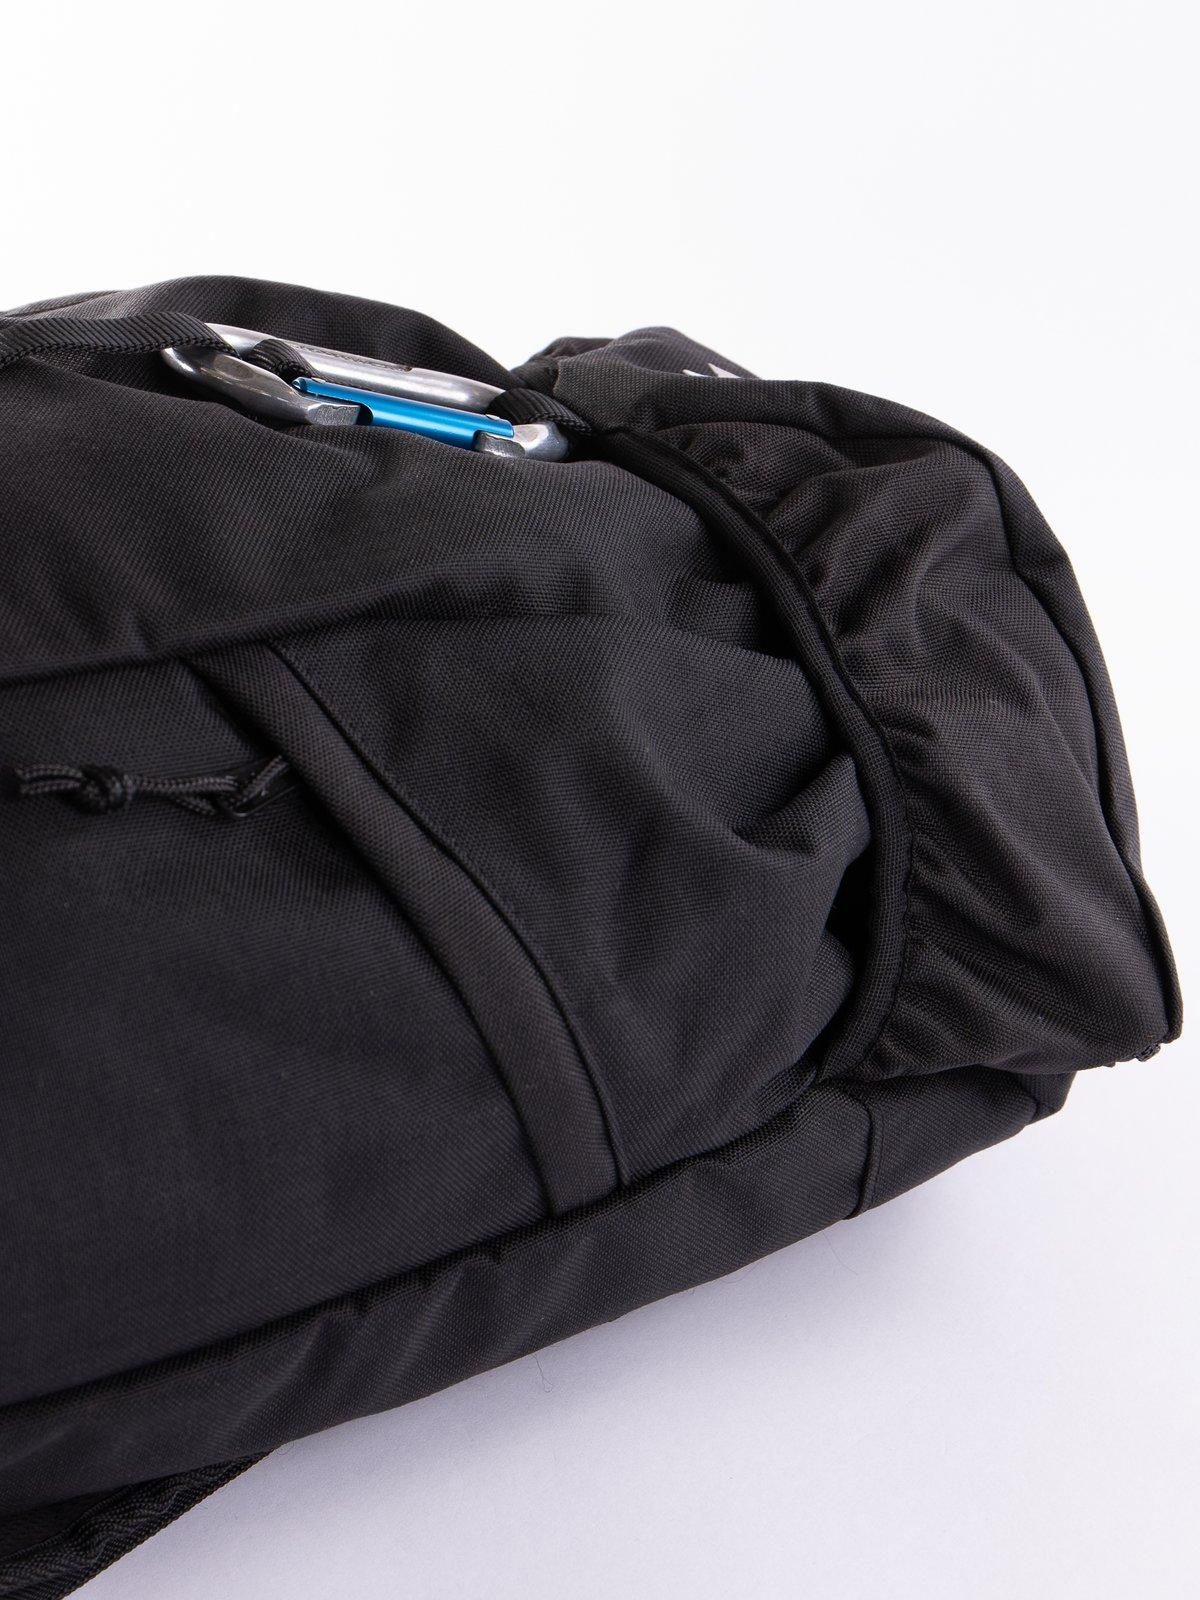 Mil–Spec Black Large Climb Pack - Image 3